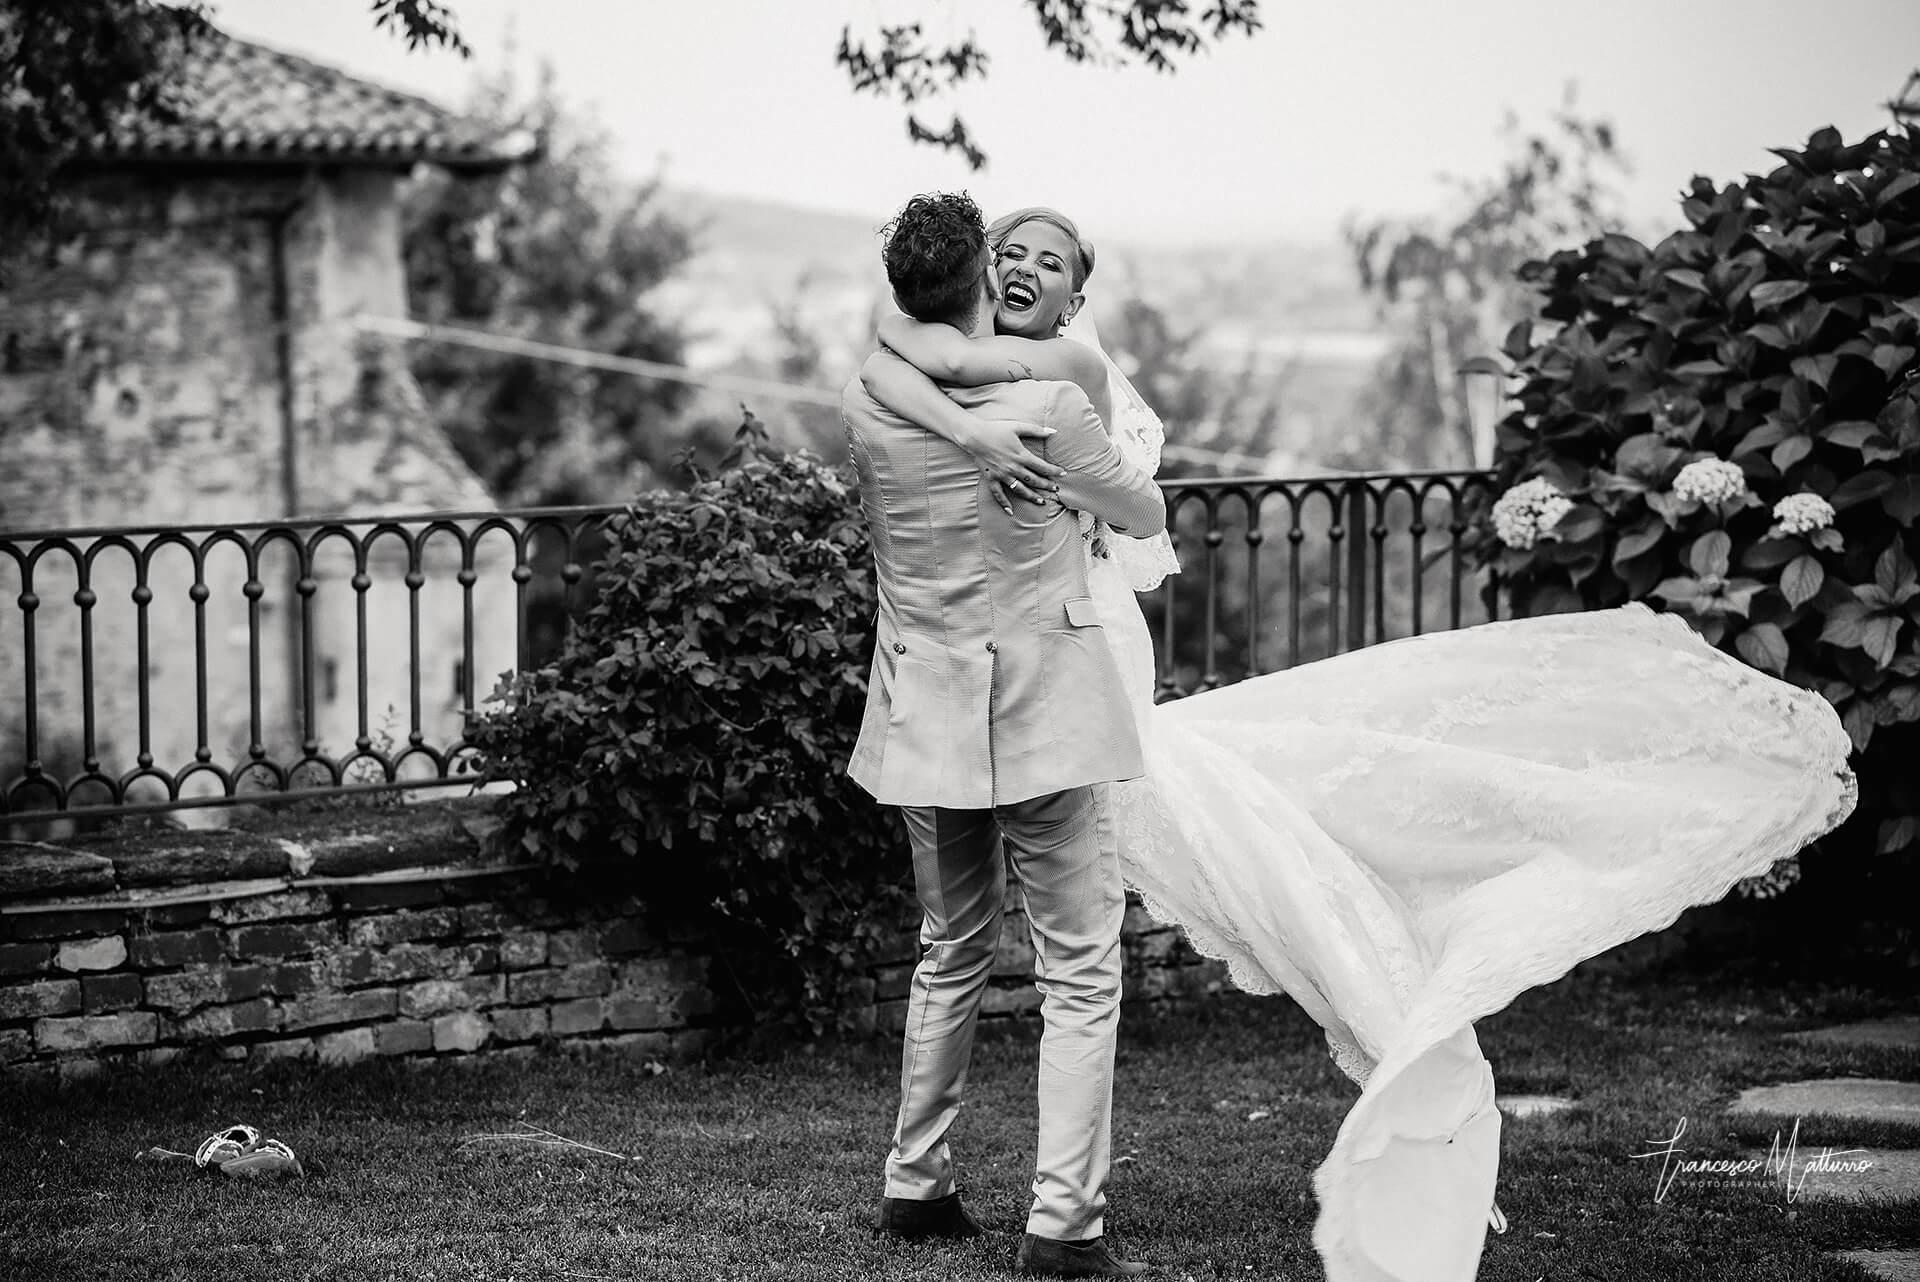 Fotografo di matrimonio Asti - foto in bianco e nero di due sposi che si stringono in un abbraccio, lui solleva lei e la fa volteggiare mentre sorride nel parco del castello rosso di costigliole saluzzo di Francesco Matturro